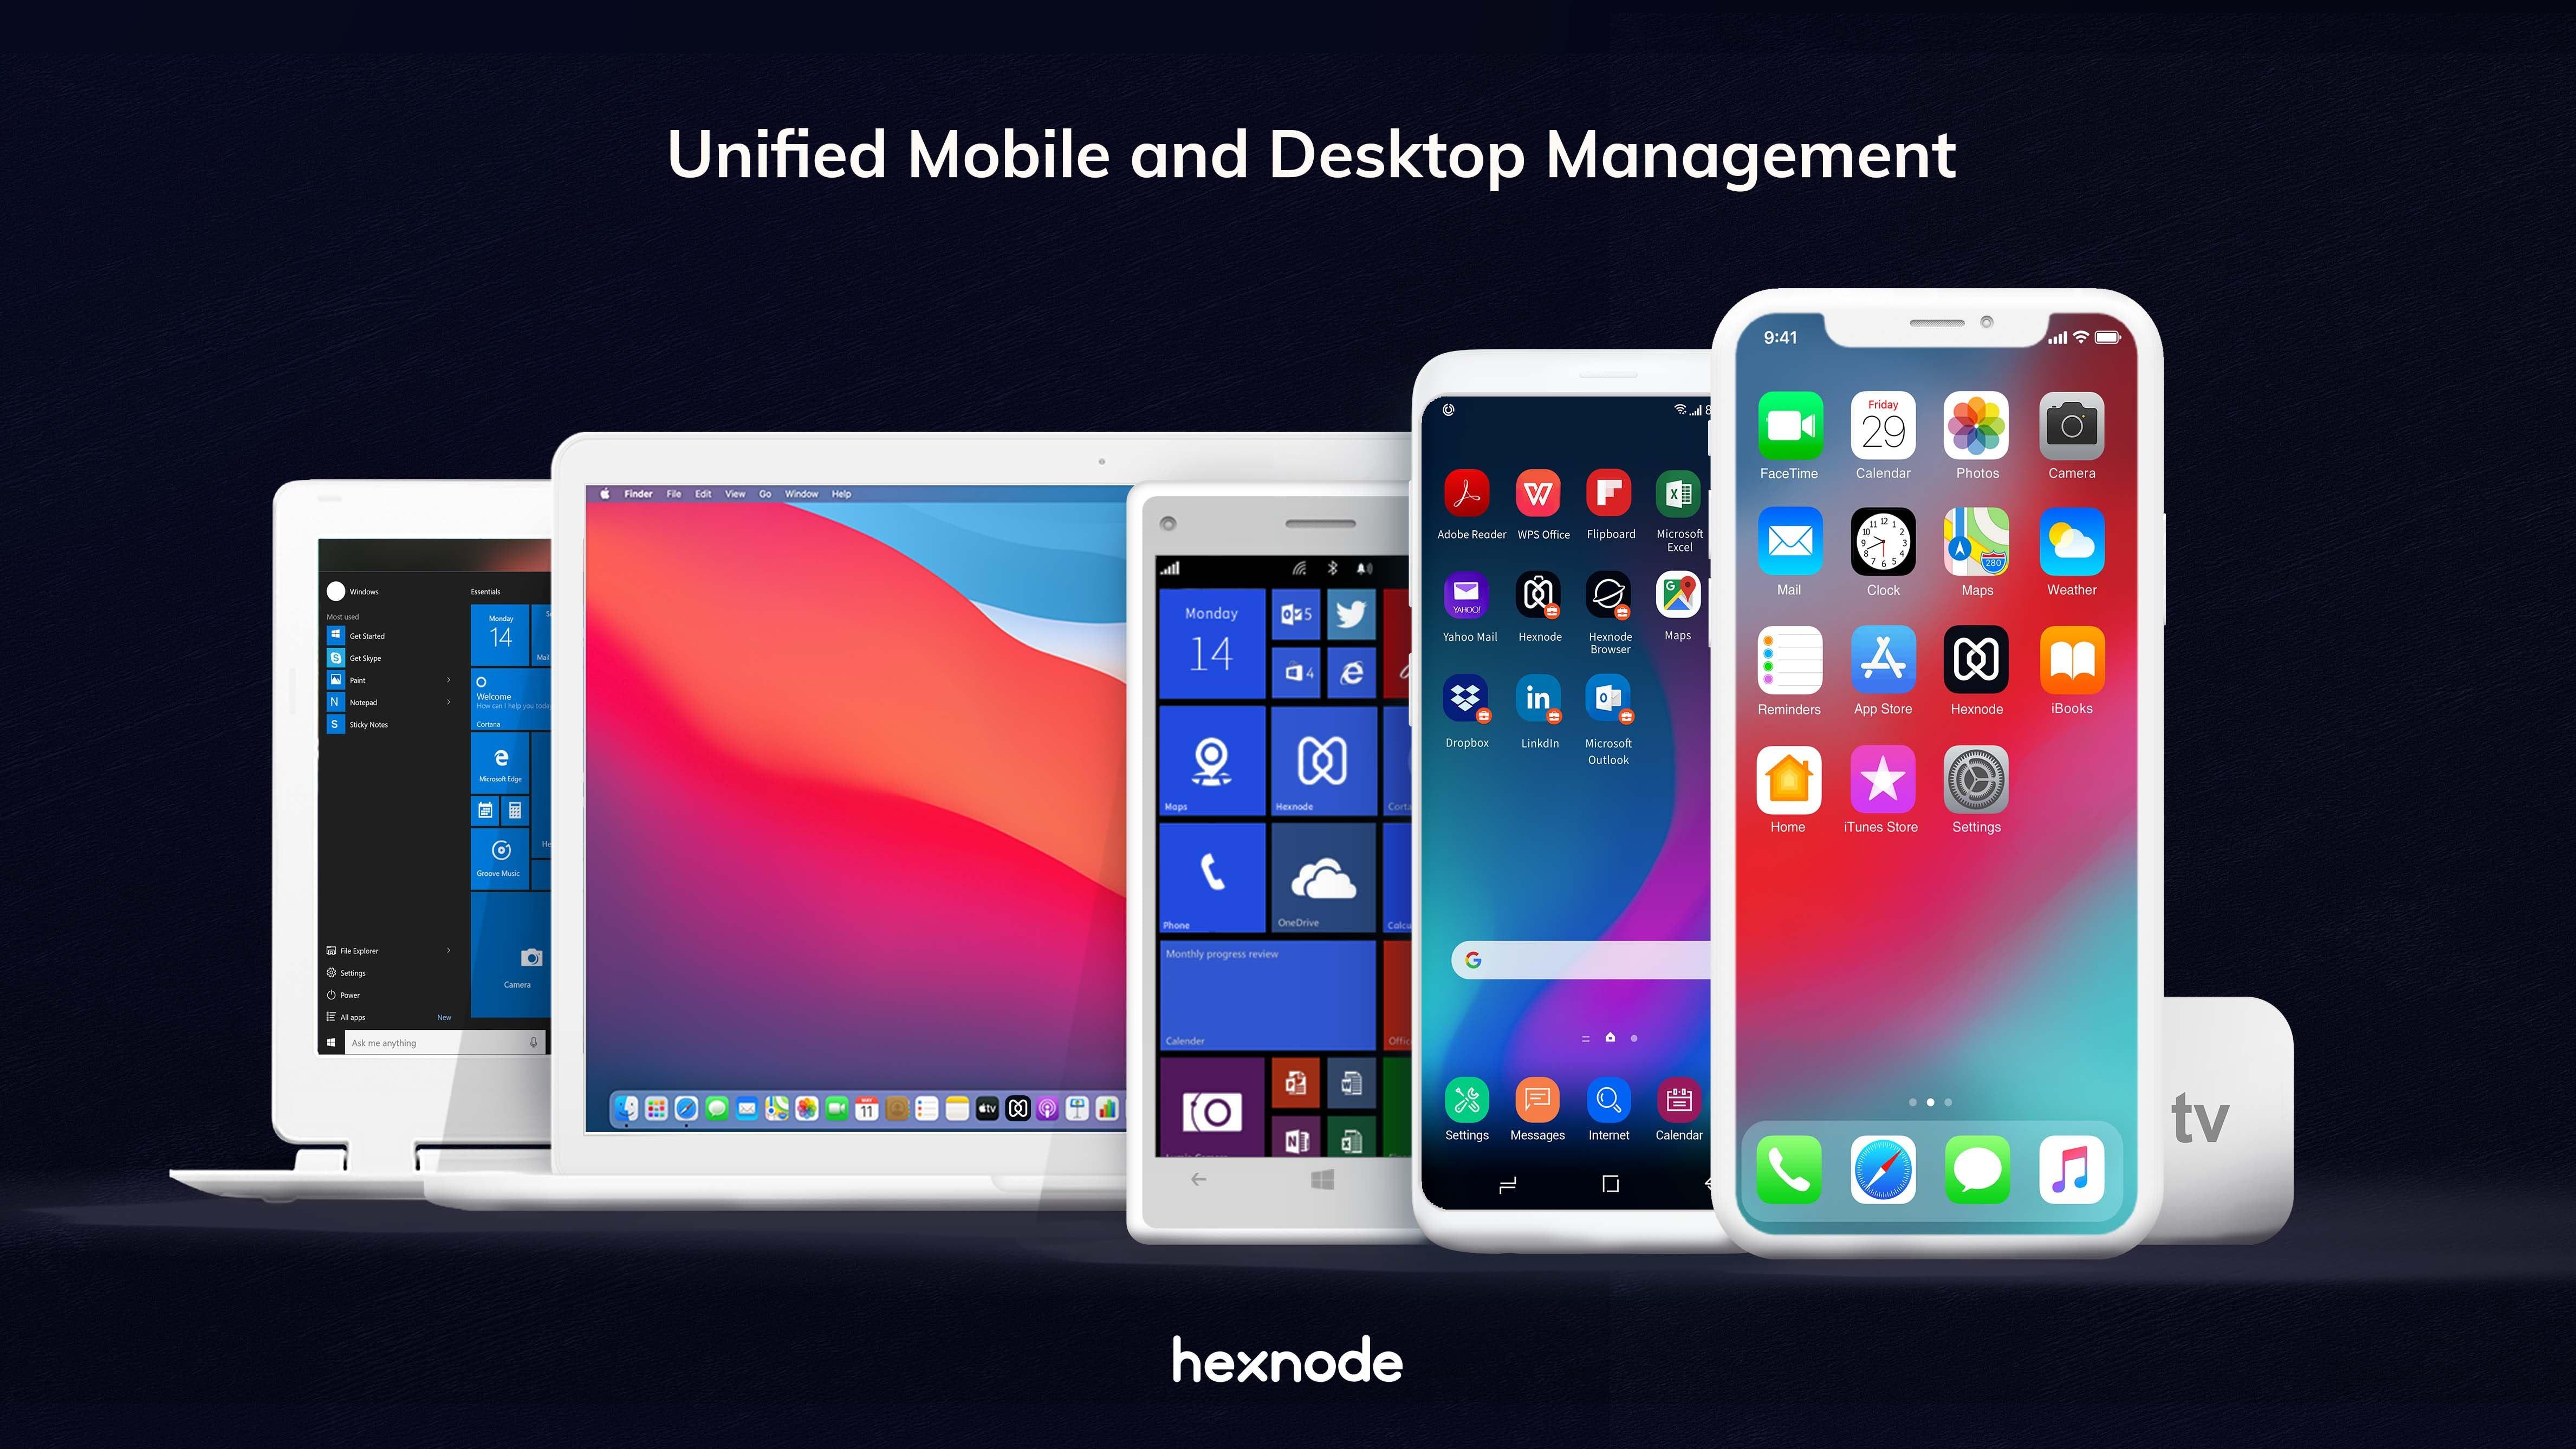 Hexnode UEM Software - Hexnode Unified Mobile and Desktop Management